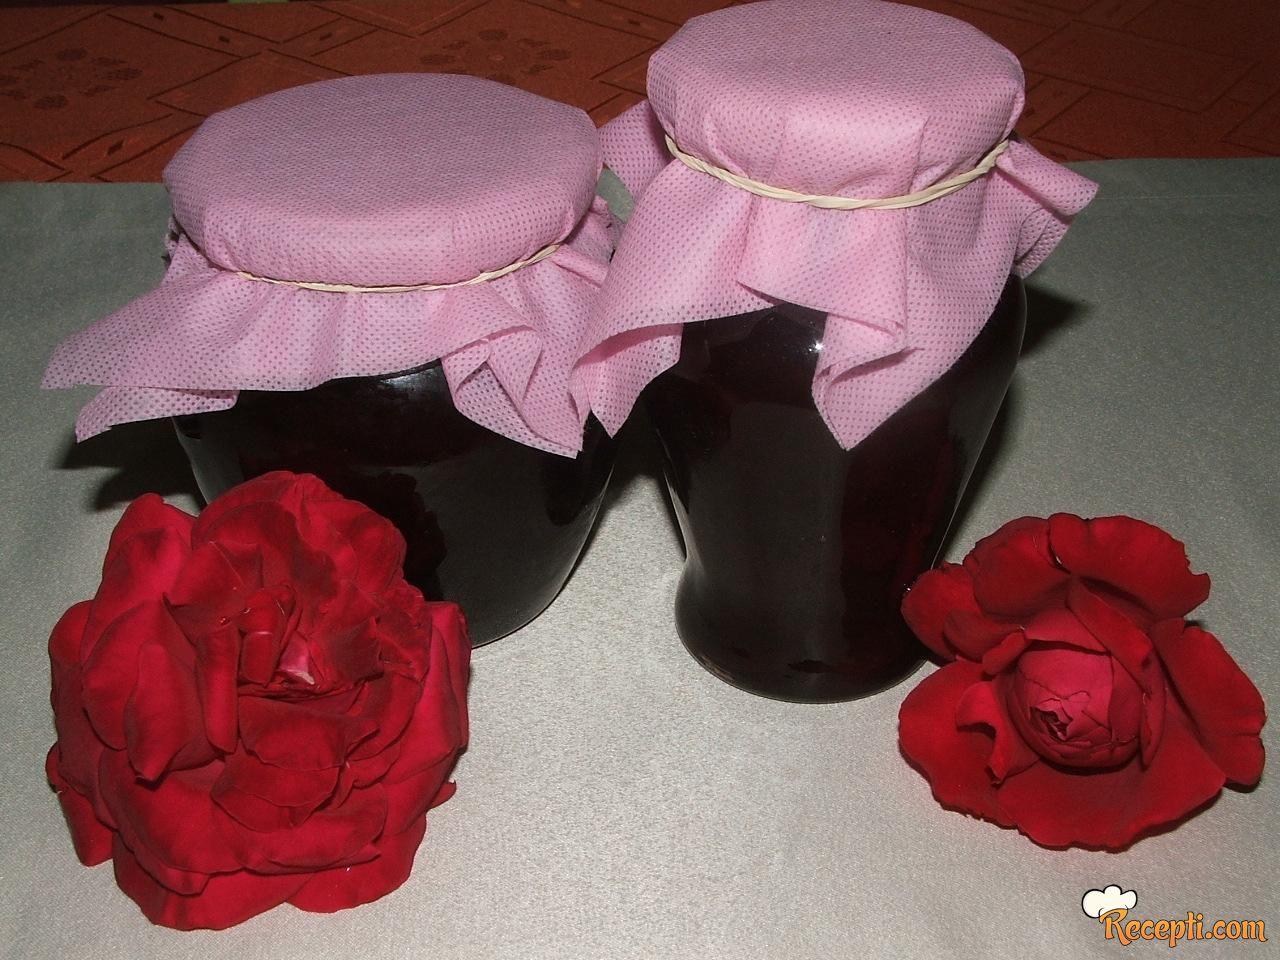 Slatko od ružinih latica